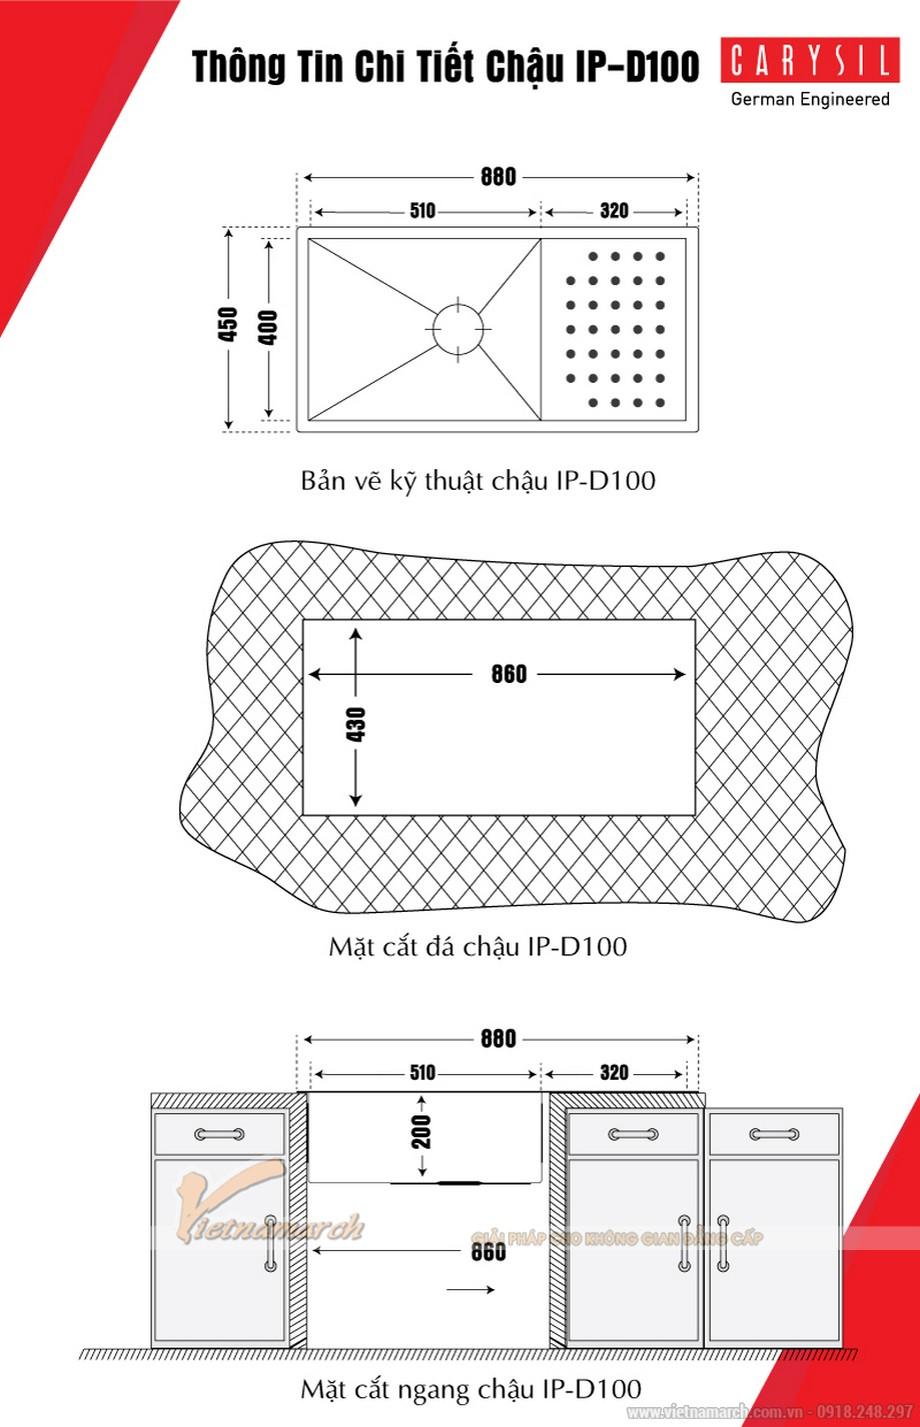 Kích thước chậu rửa đơn có bàn Carysil 304-IPD100-02